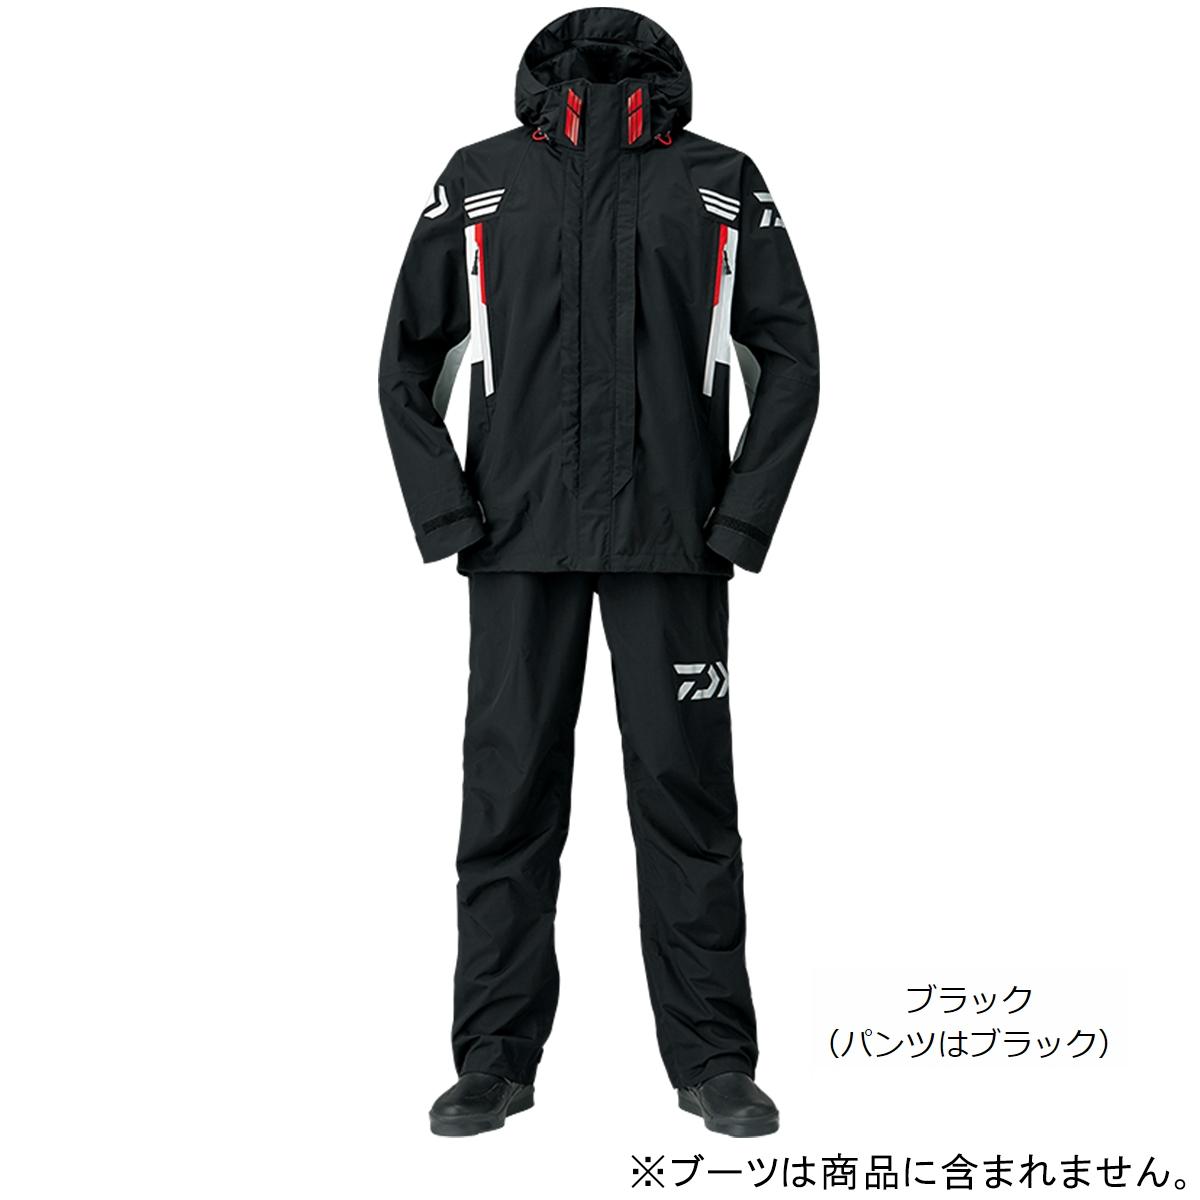 ダイワ レインマックス ハイパー コンビアップレインスーツ DR-3108 2XL ブラック(東日本店)